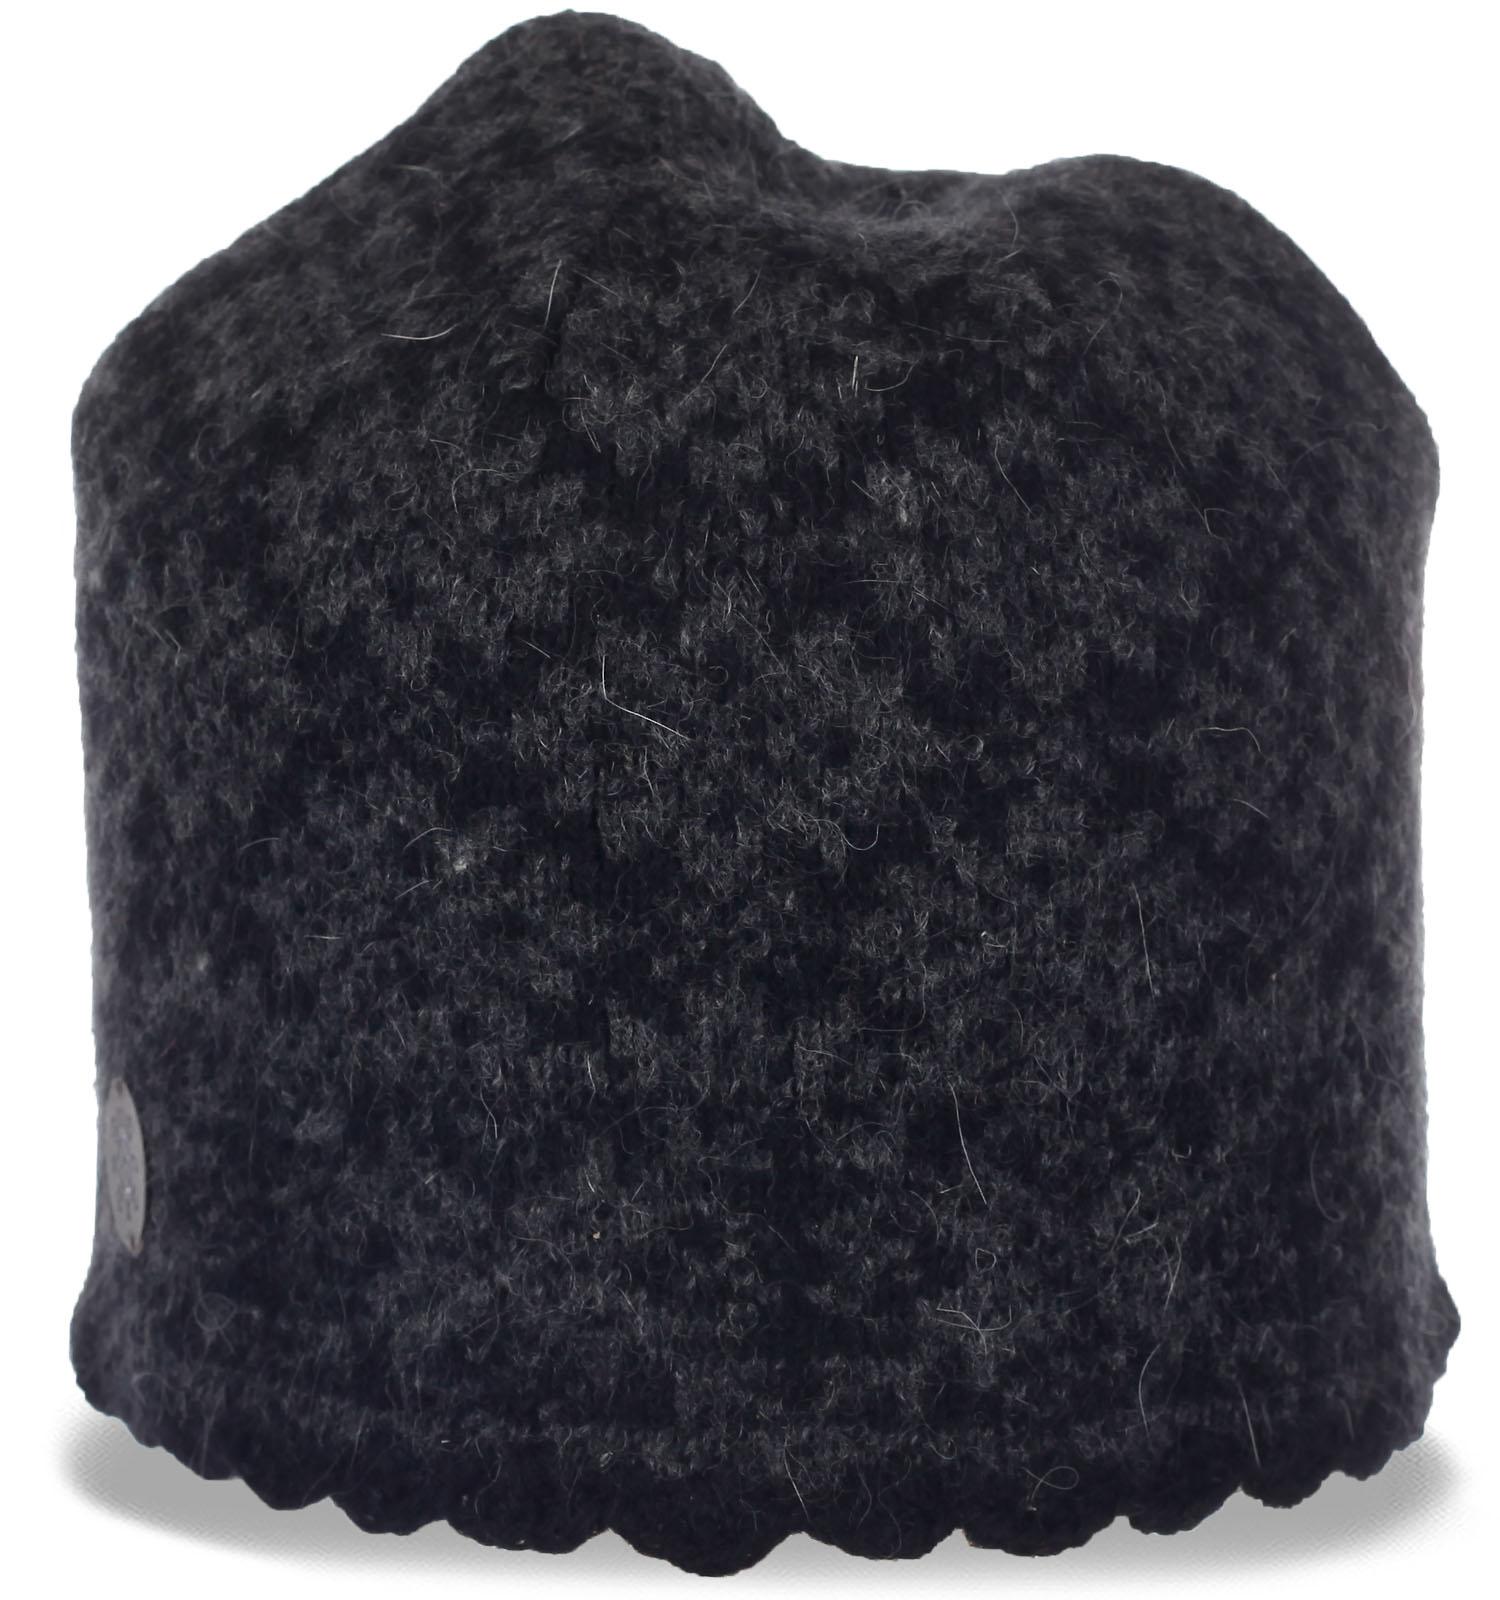 Очень теплая шерстяная шапка для девушек, ценящих моду и комфорт. Заказывай и будь самой стильной и в тепле